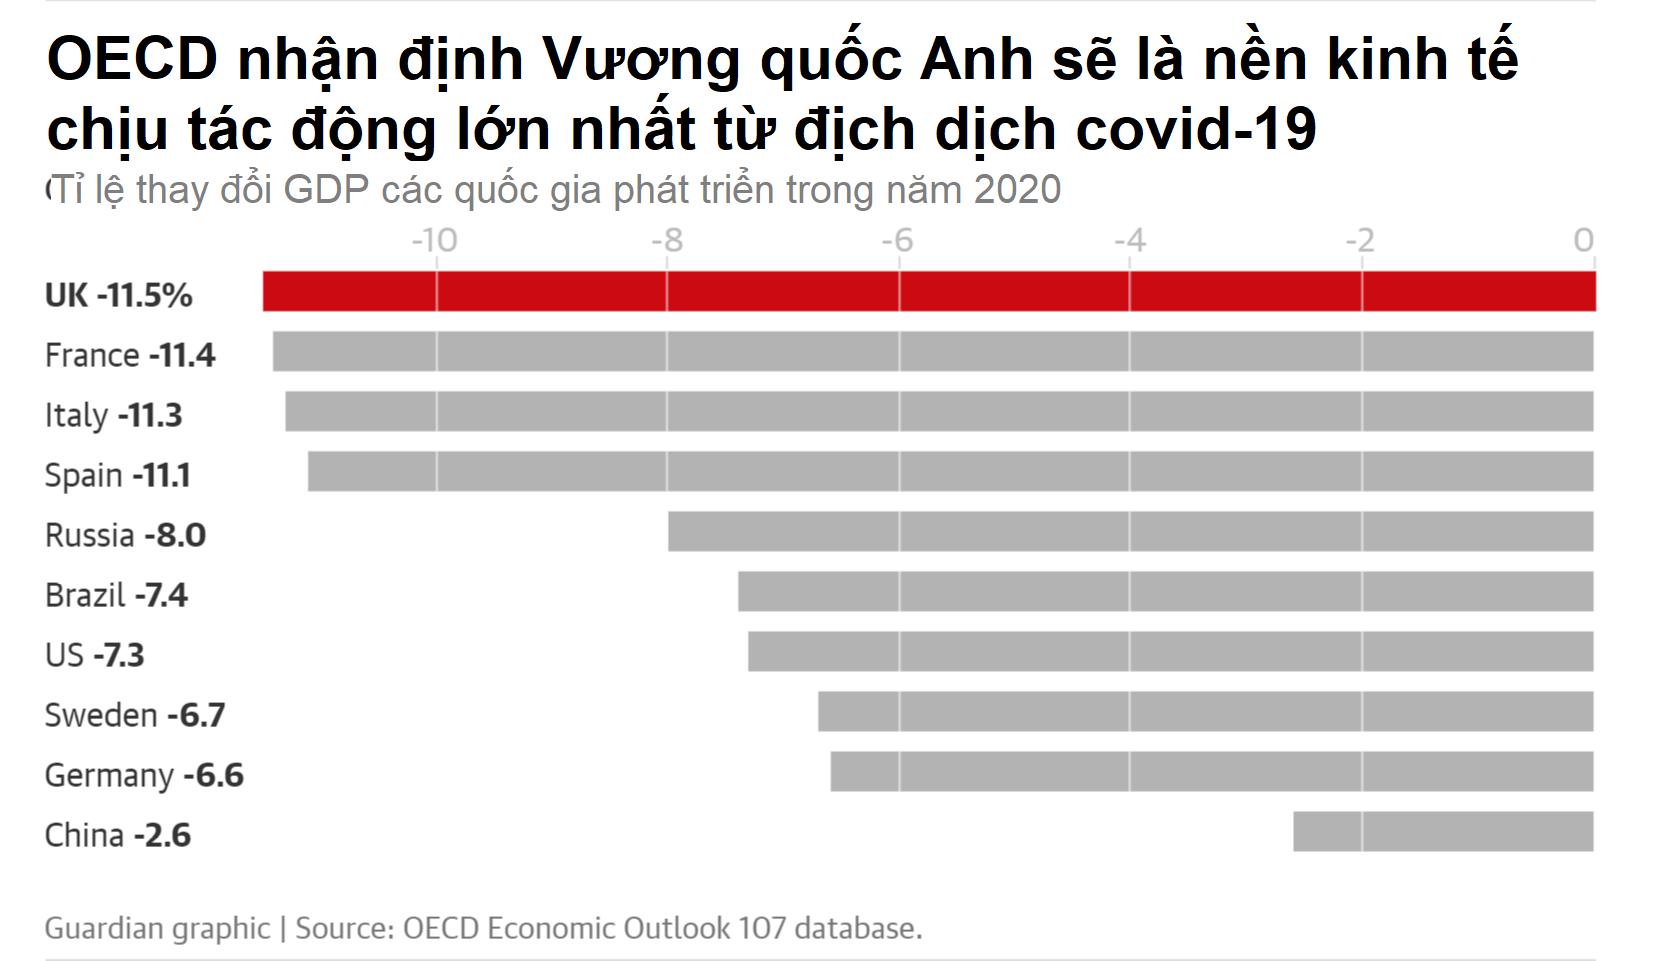 OECD: Nền kinh tế Anh có khả năng là nạn nhân lớn nhất của dịch bệnh Covid-19 - Ảnh 2.